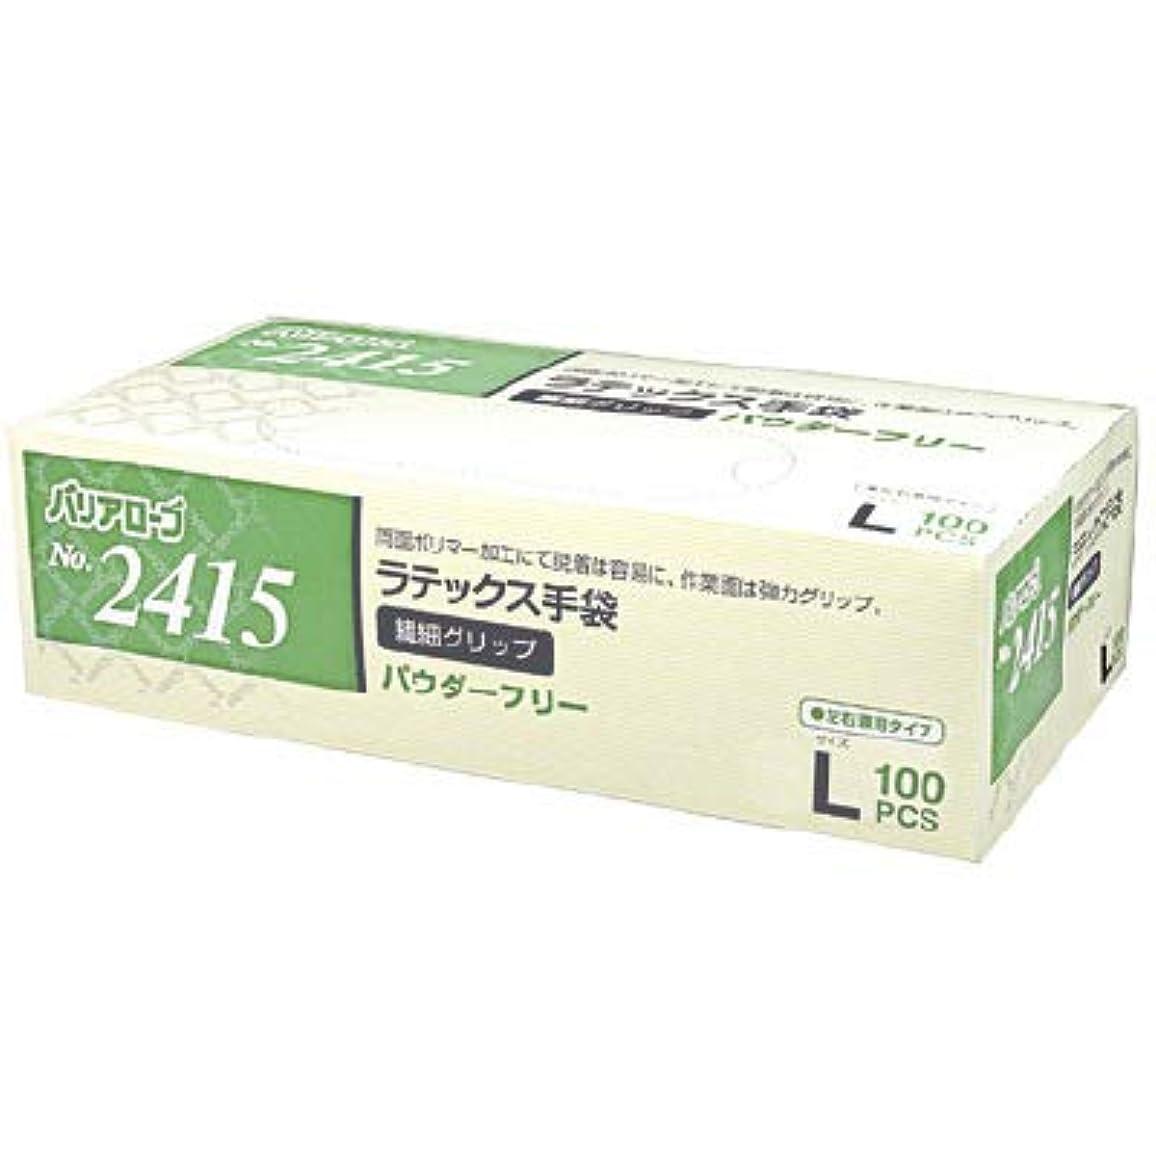 品揃え承知しました知事【ケース販売】 バリアローブ №2415 ラテックス手袋 繊細グリップ (パウダーフリー) L 2000枚(100枚×20箱)